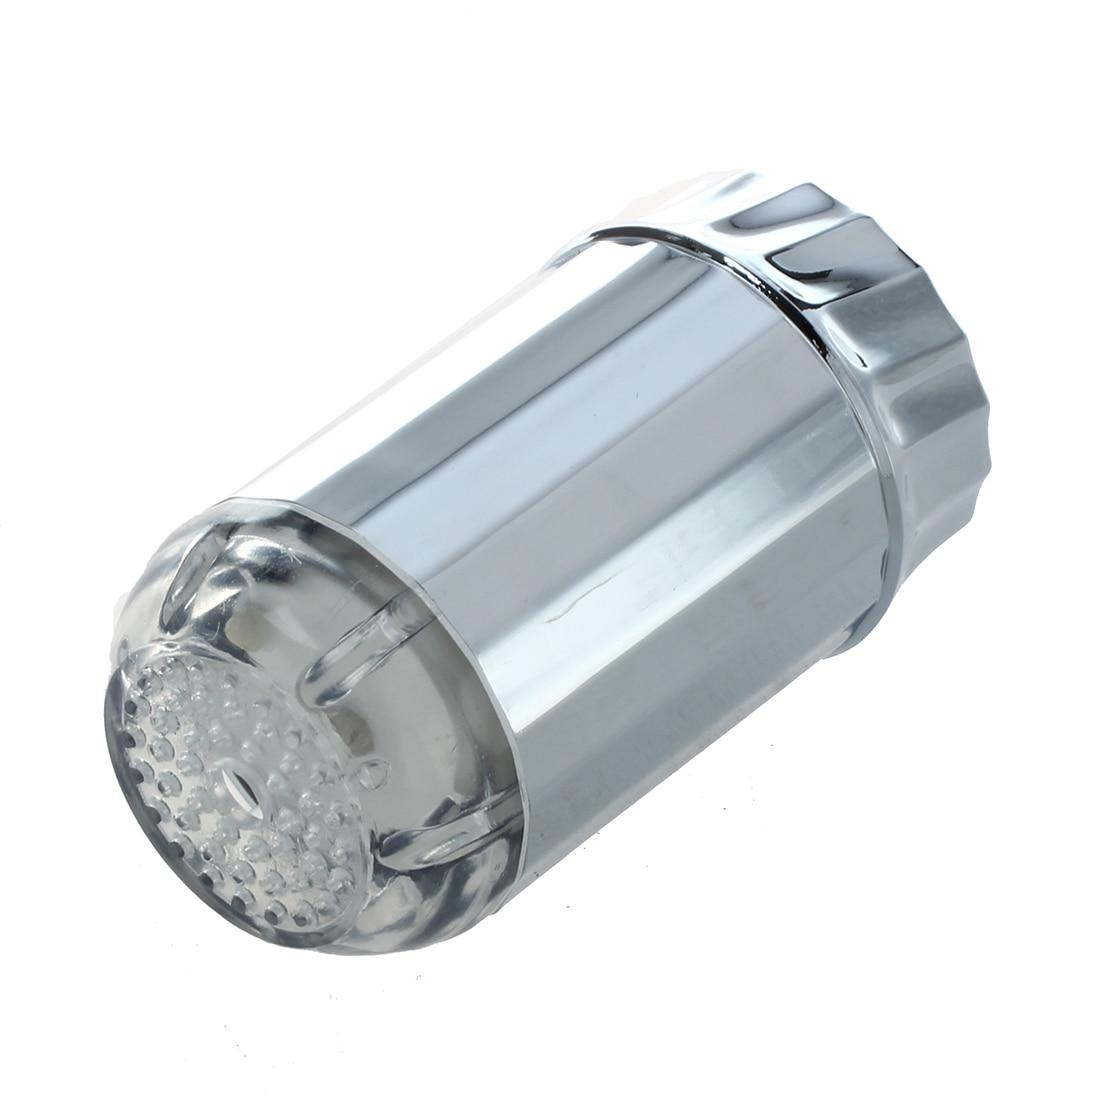 Vendita Calda Spruzzatore Soffione Cromato a Led 3 Colori per Doccia Doccetta Sensore Termico